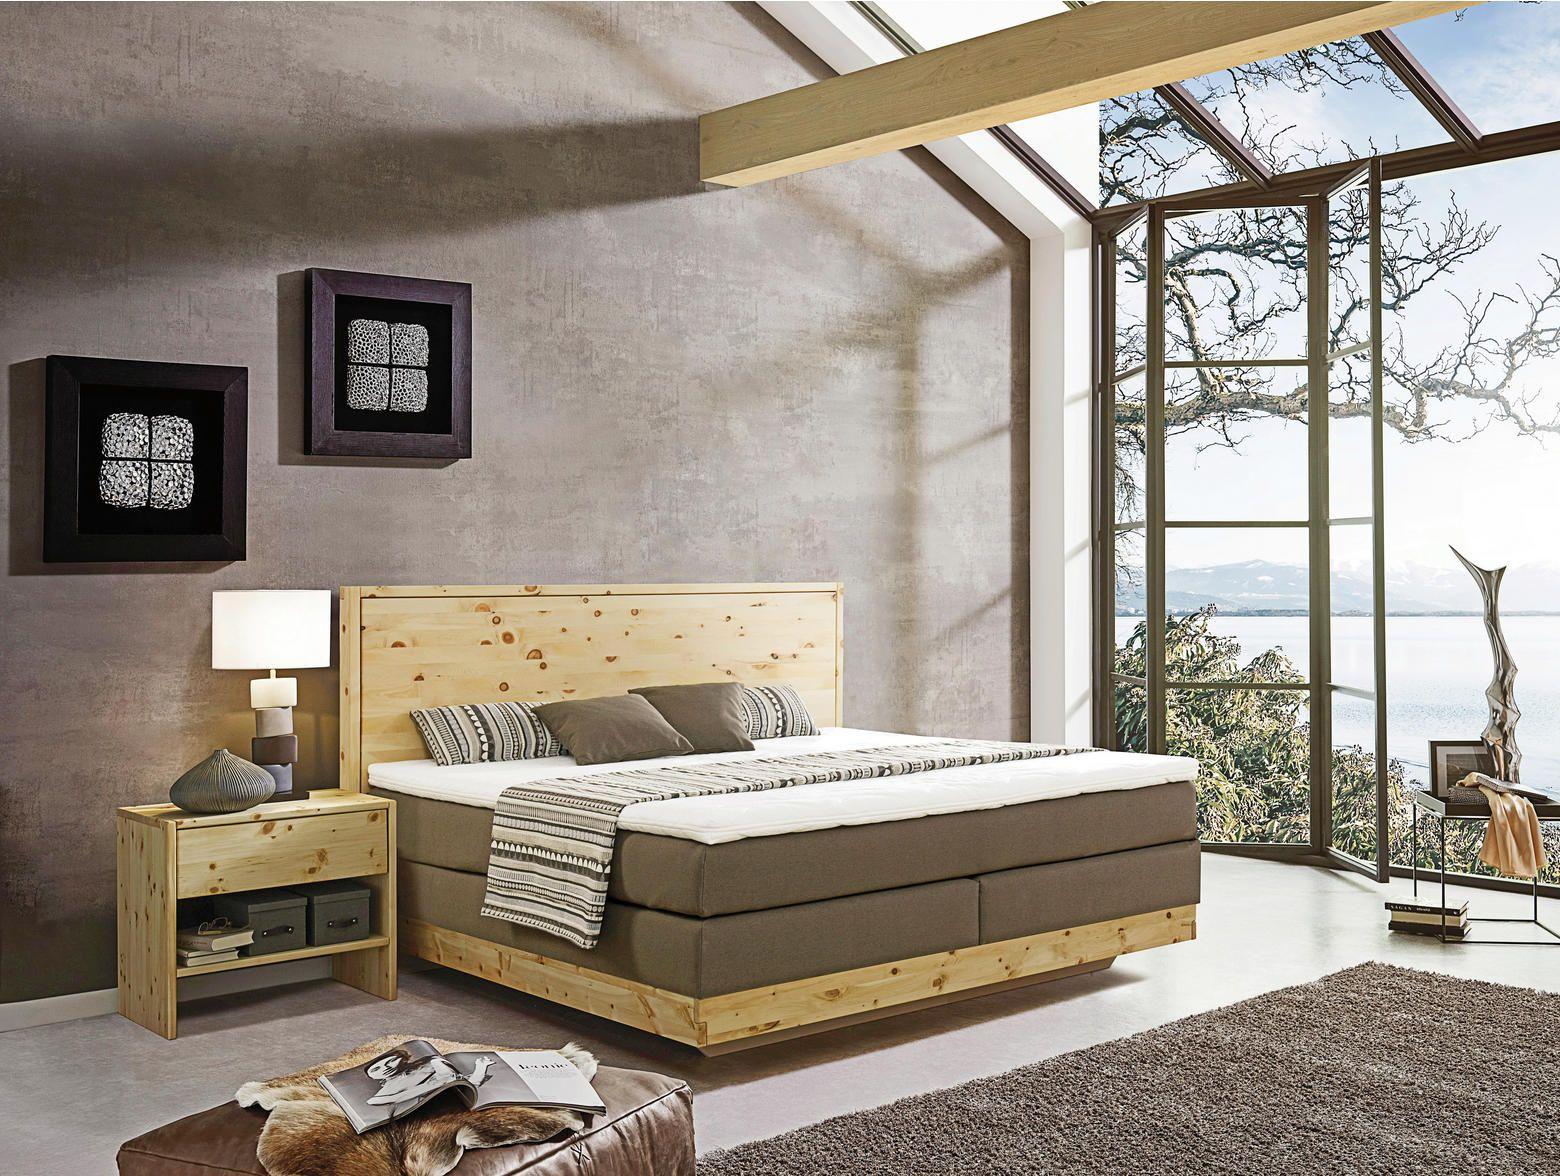 Boxspringbett 180 Cm X 200 Cm In Holz Textil Beige In 2019